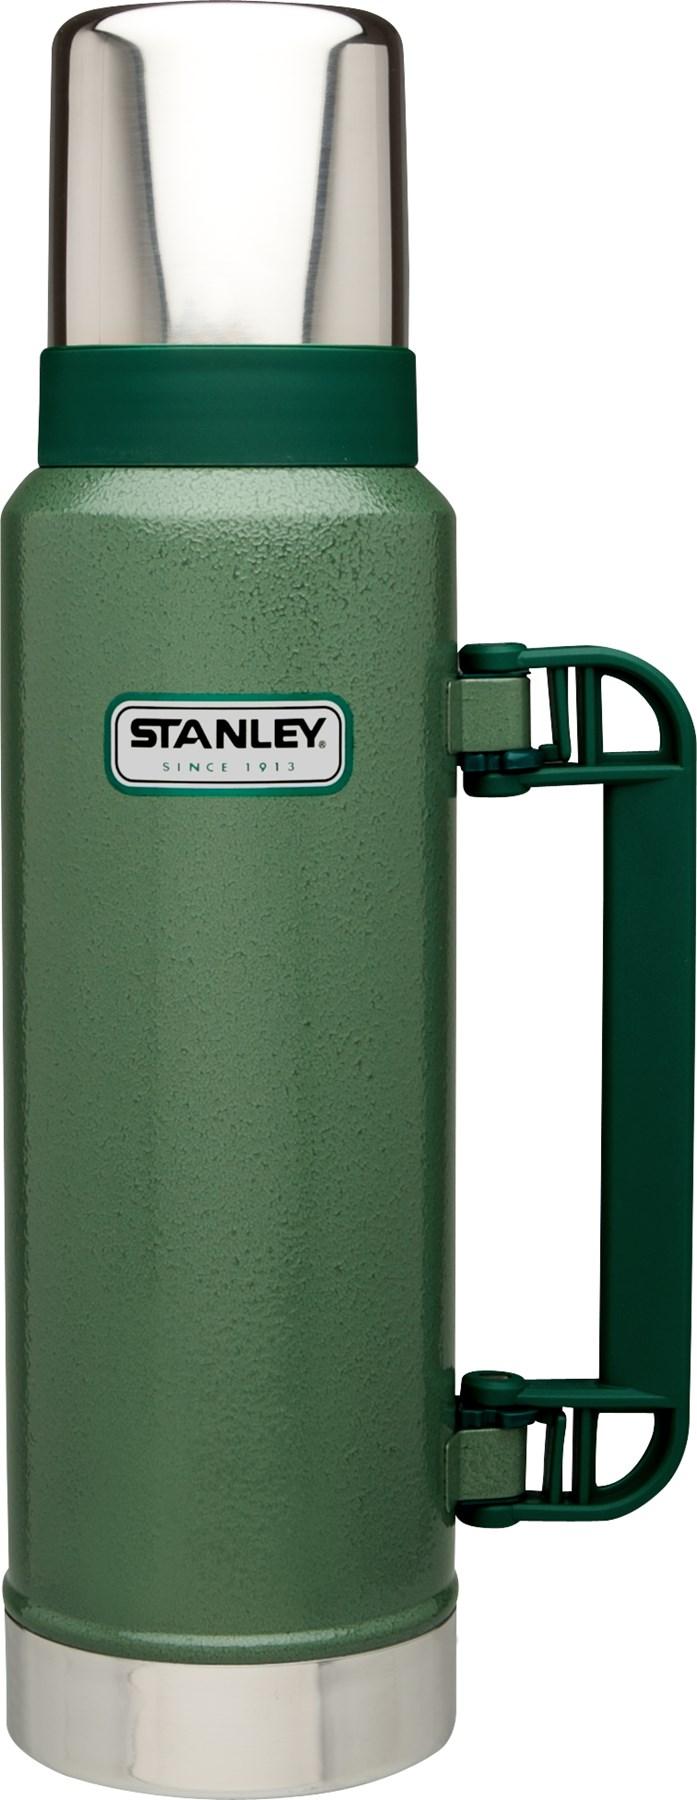 Stanley Termoska Hammertone zelená 1,3l